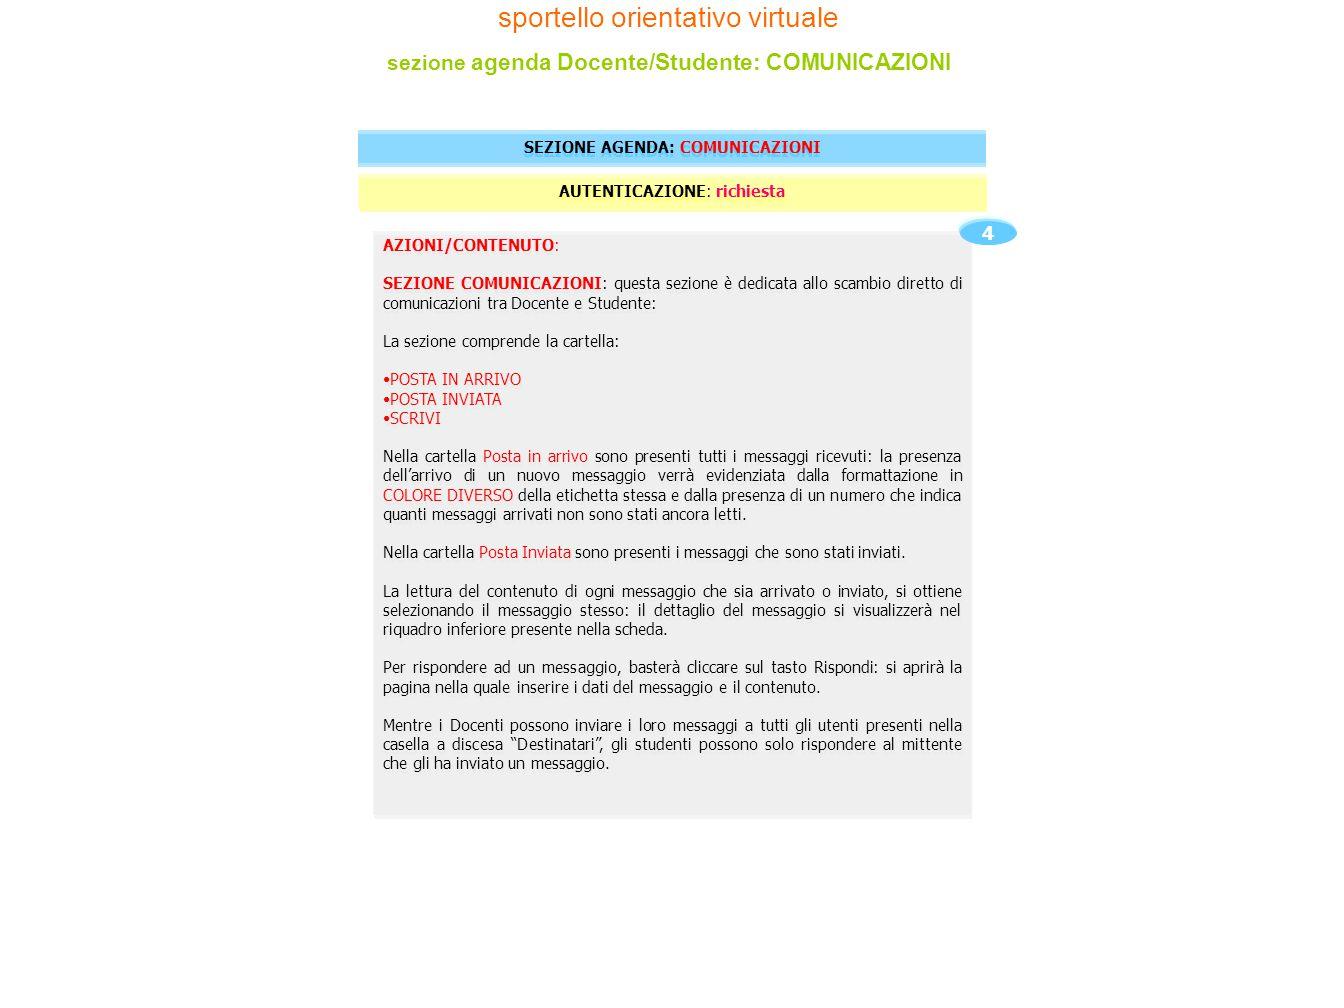 AZIONI/CONTENUTO: SEZIONE COMUNICAZIONI: questa sezione è dedicata allo scambio diretto di comunicazioni tra Docente e Studente: La sezione comprende